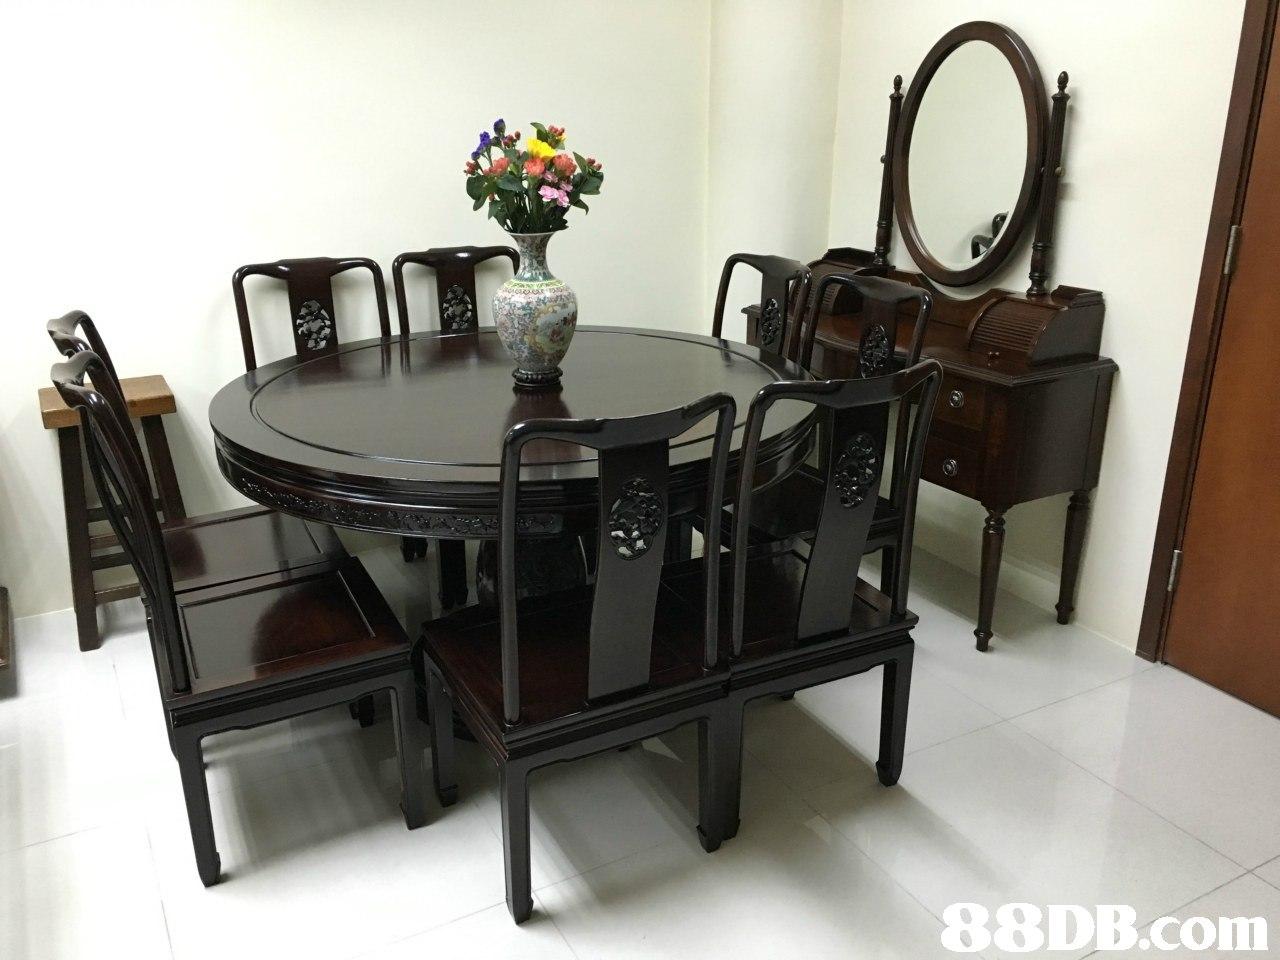 88DB.com  furniture